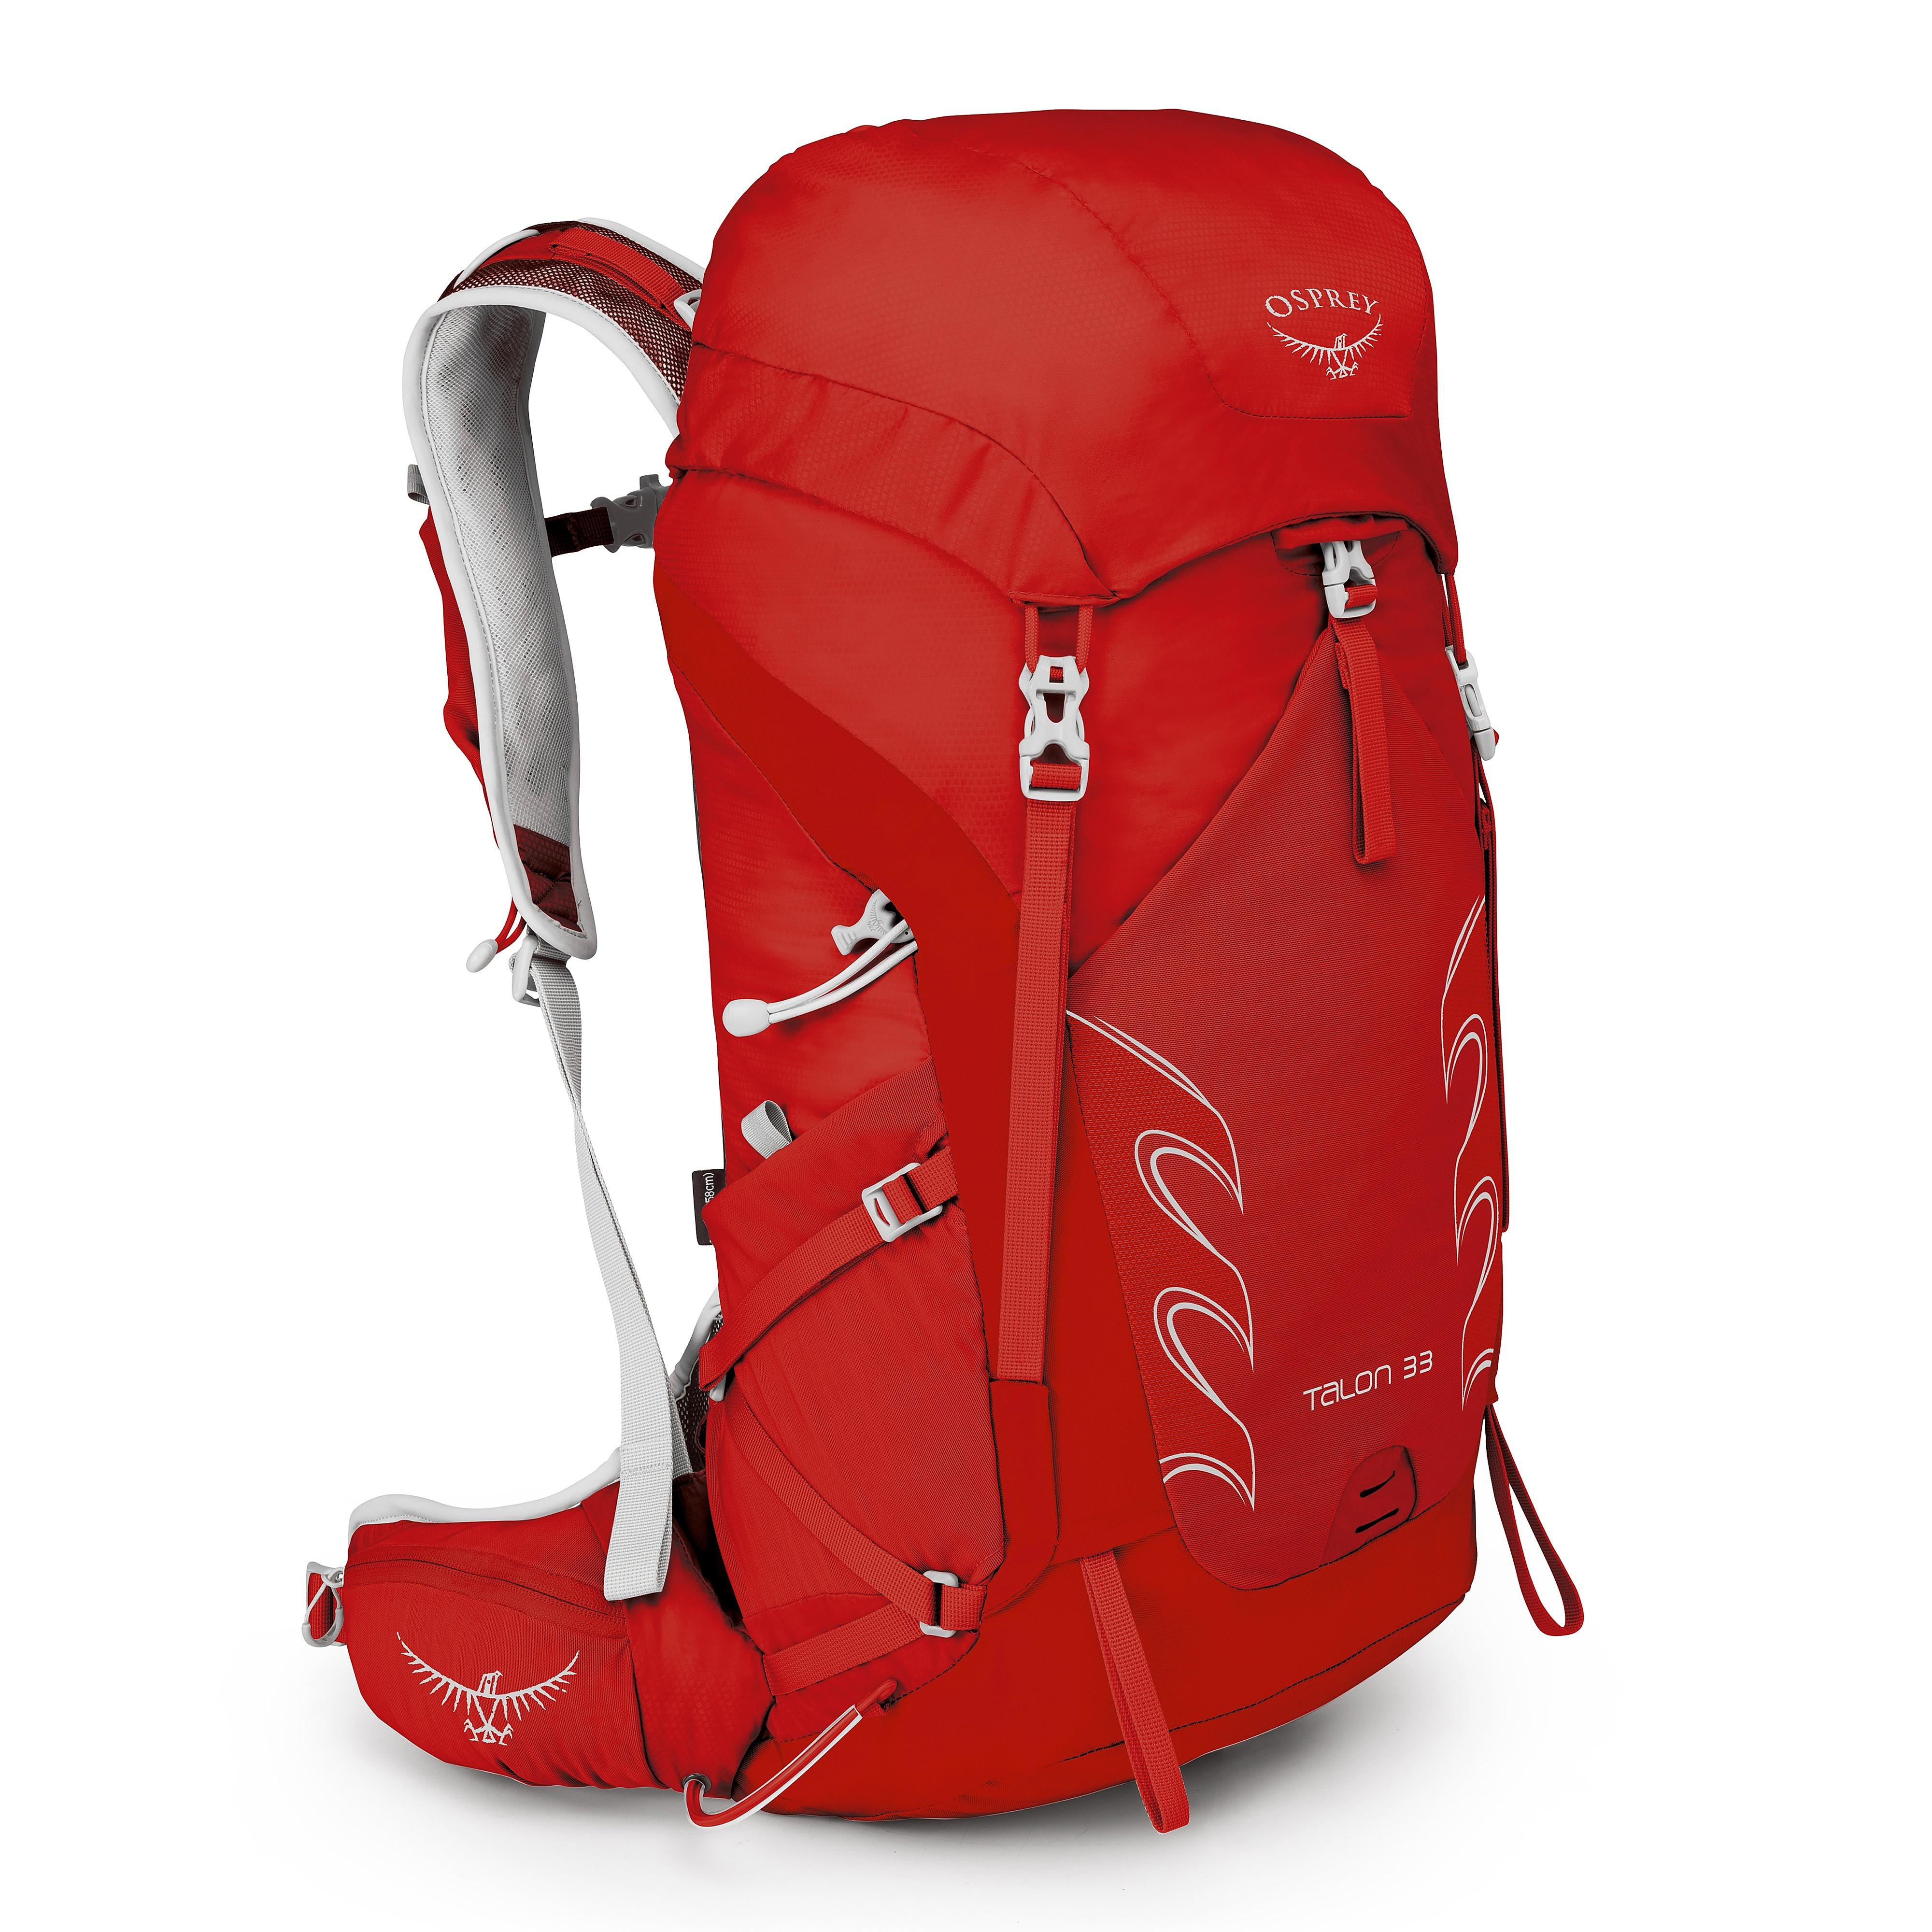 Osprey Talon 33 Backpack